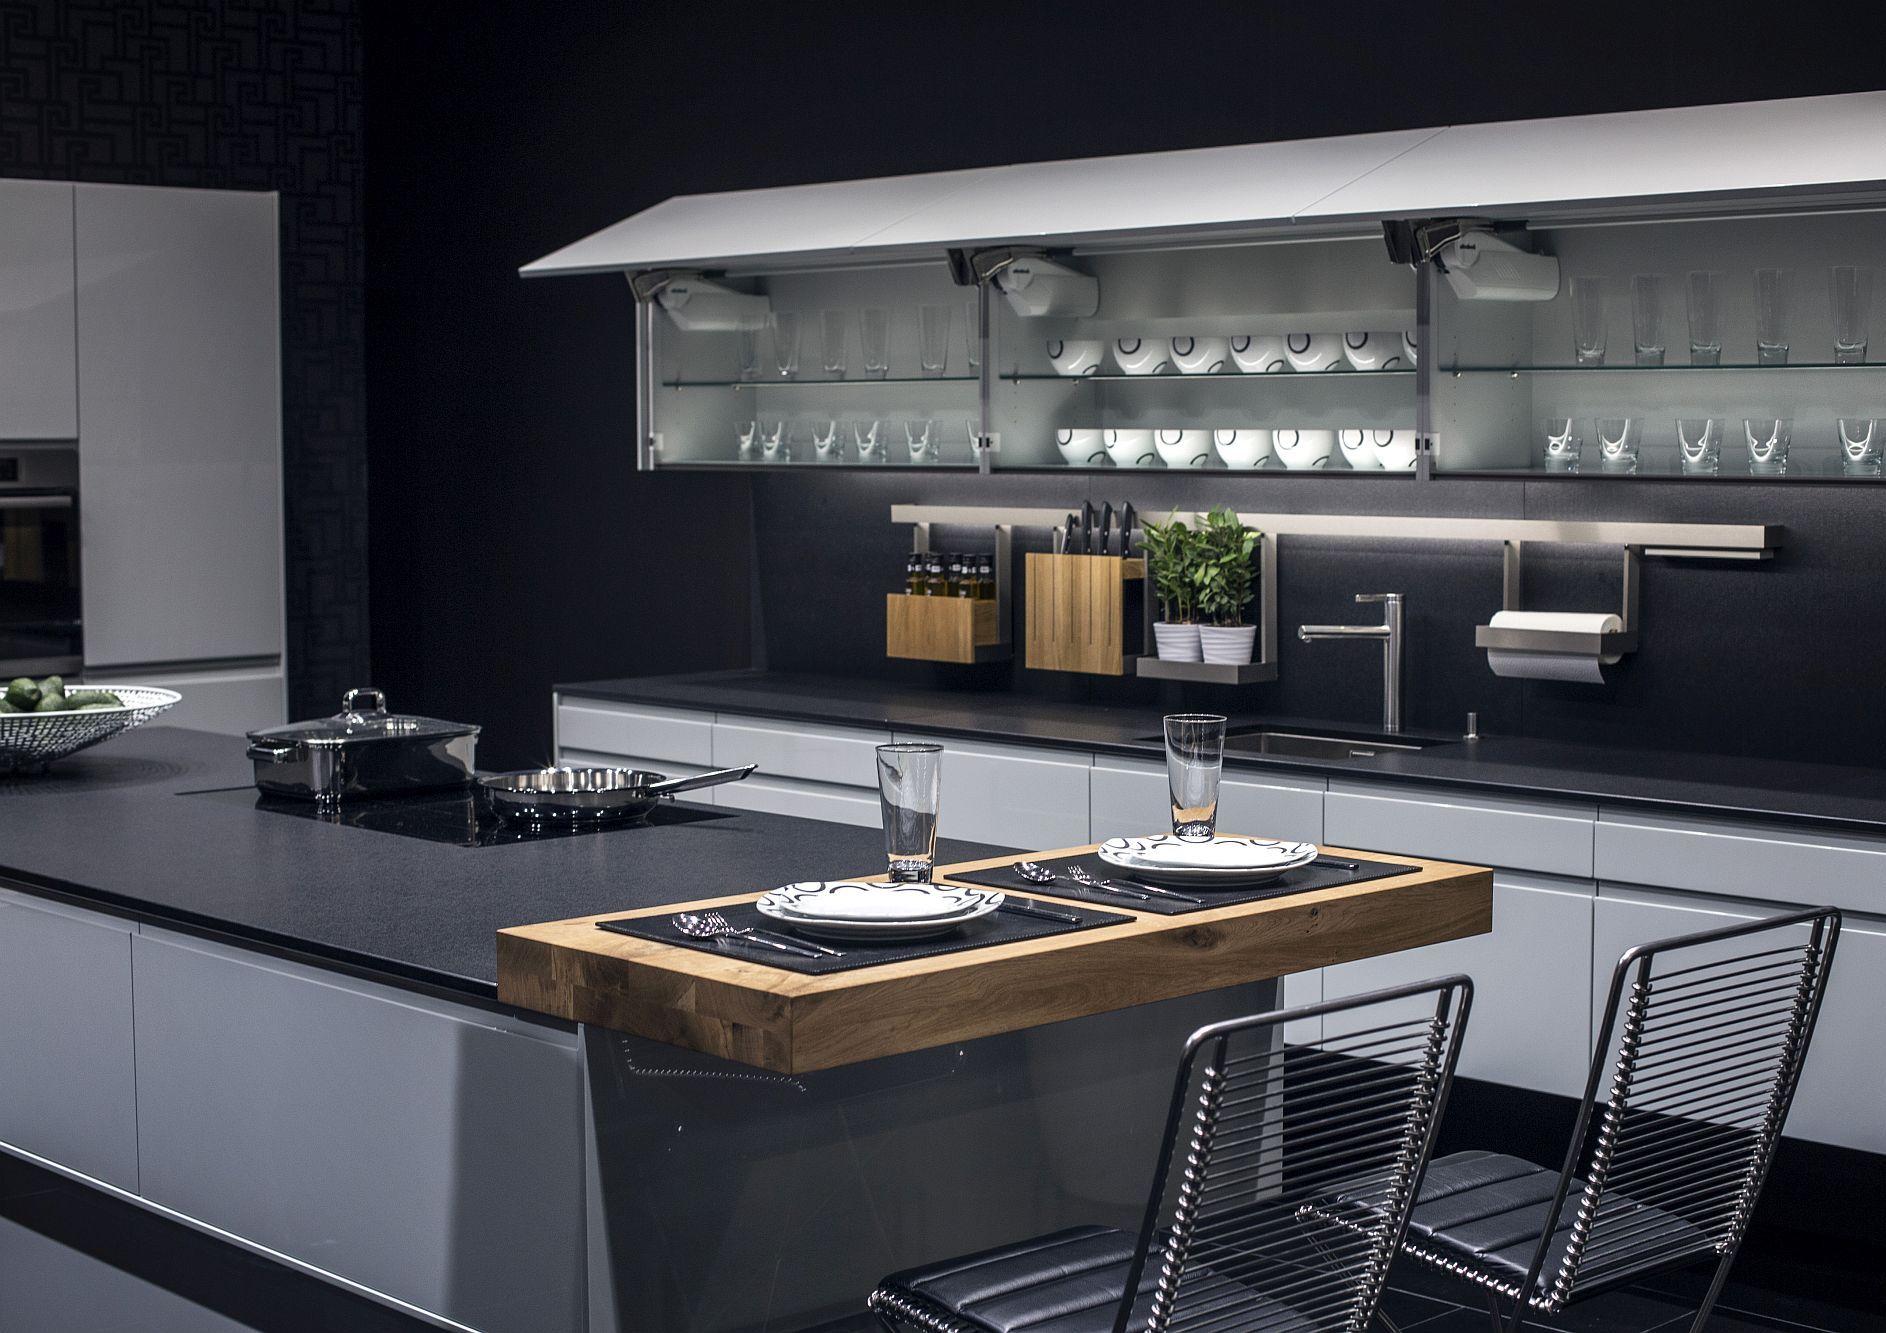 Cовременный дизайн серо-белой кухни, где серый доминирует - фото 3